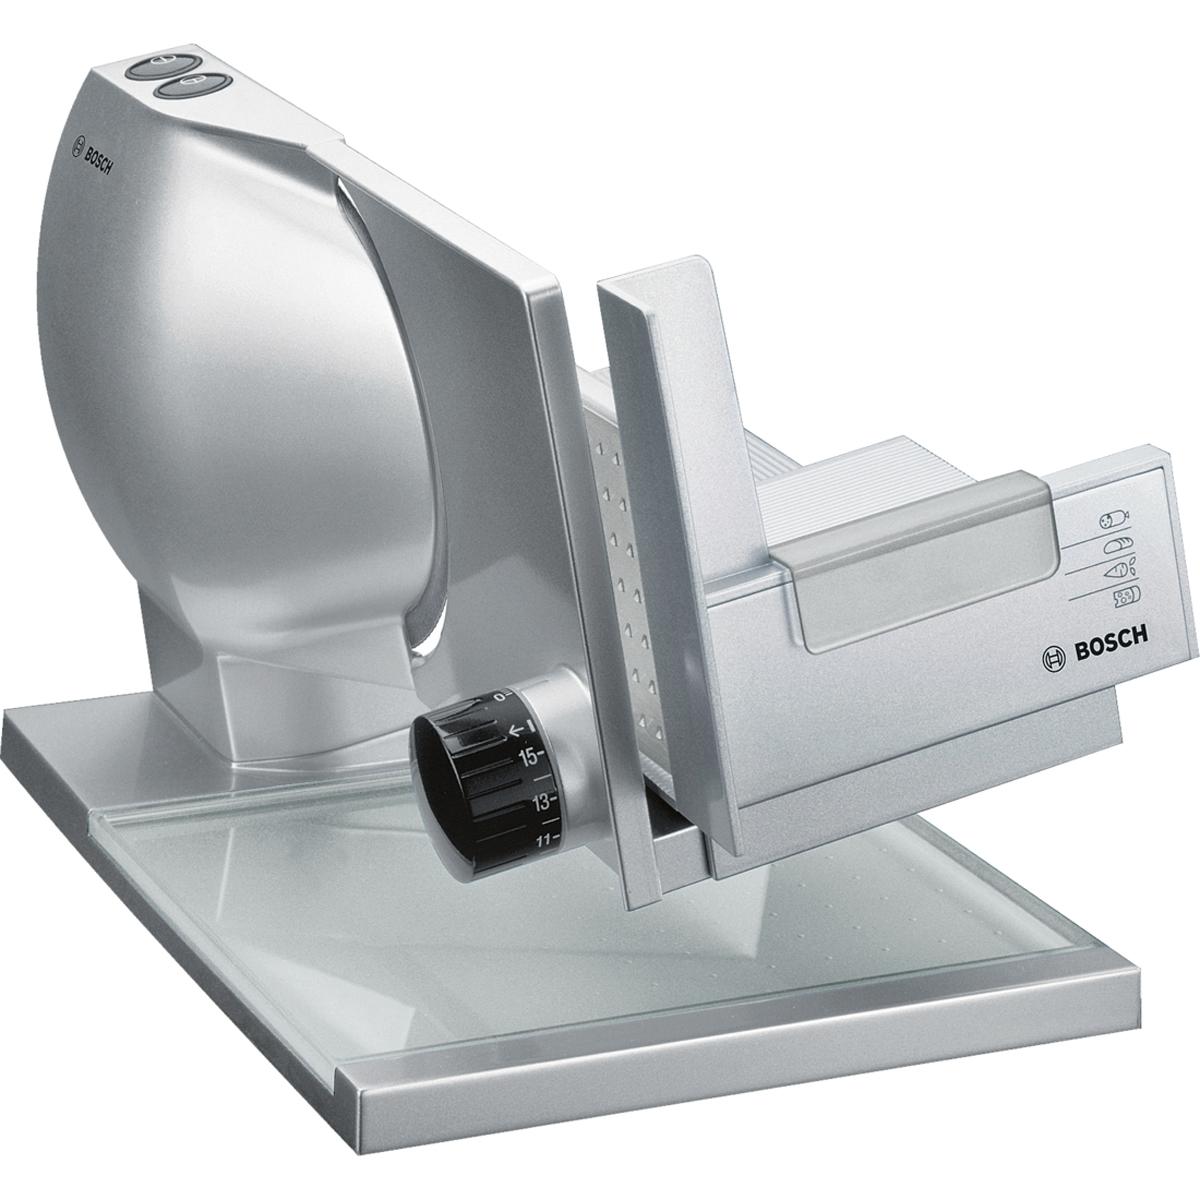 Bosch MAS9454M ломтерезкаMAS9454MПремиальная универсальная резка Bosch MAS9454M имеет металлический корпус и нож с волнообразной заточкой 2 в 1 MultiCut. Хлеб, сыр, ветчина, овощи: острый нож с волнообразной заточкой быстро и качественно нарежет разные виды продуктов ровными ломтиками. Нарежет точно, будь то толстый ломоть хлеба или тончайший кусочек колбасы: благодаря плавно регулируемой толщине нарезки от 0 до 15 мм. Профессиональный подход: благодаря наклонной рабочей поверхности нарезанные кусочки попадают непосредственно на интегрированный сервировочный поднос. Два режима — импульсной и длительной нарезки. Какой из них использовать - зависит от того, сколько надо отрезать кусочков. Защитный кожух ножа, кнопка безопасного включения, а также резиновые ножки для устойчивости и суппорт для подачи продуктов с защитой пальцев обеспечивают безопасную эксплуатацию прибора. Регулировка толщины нарезки до 15 мм Приподнятая рабочая поверхность с...